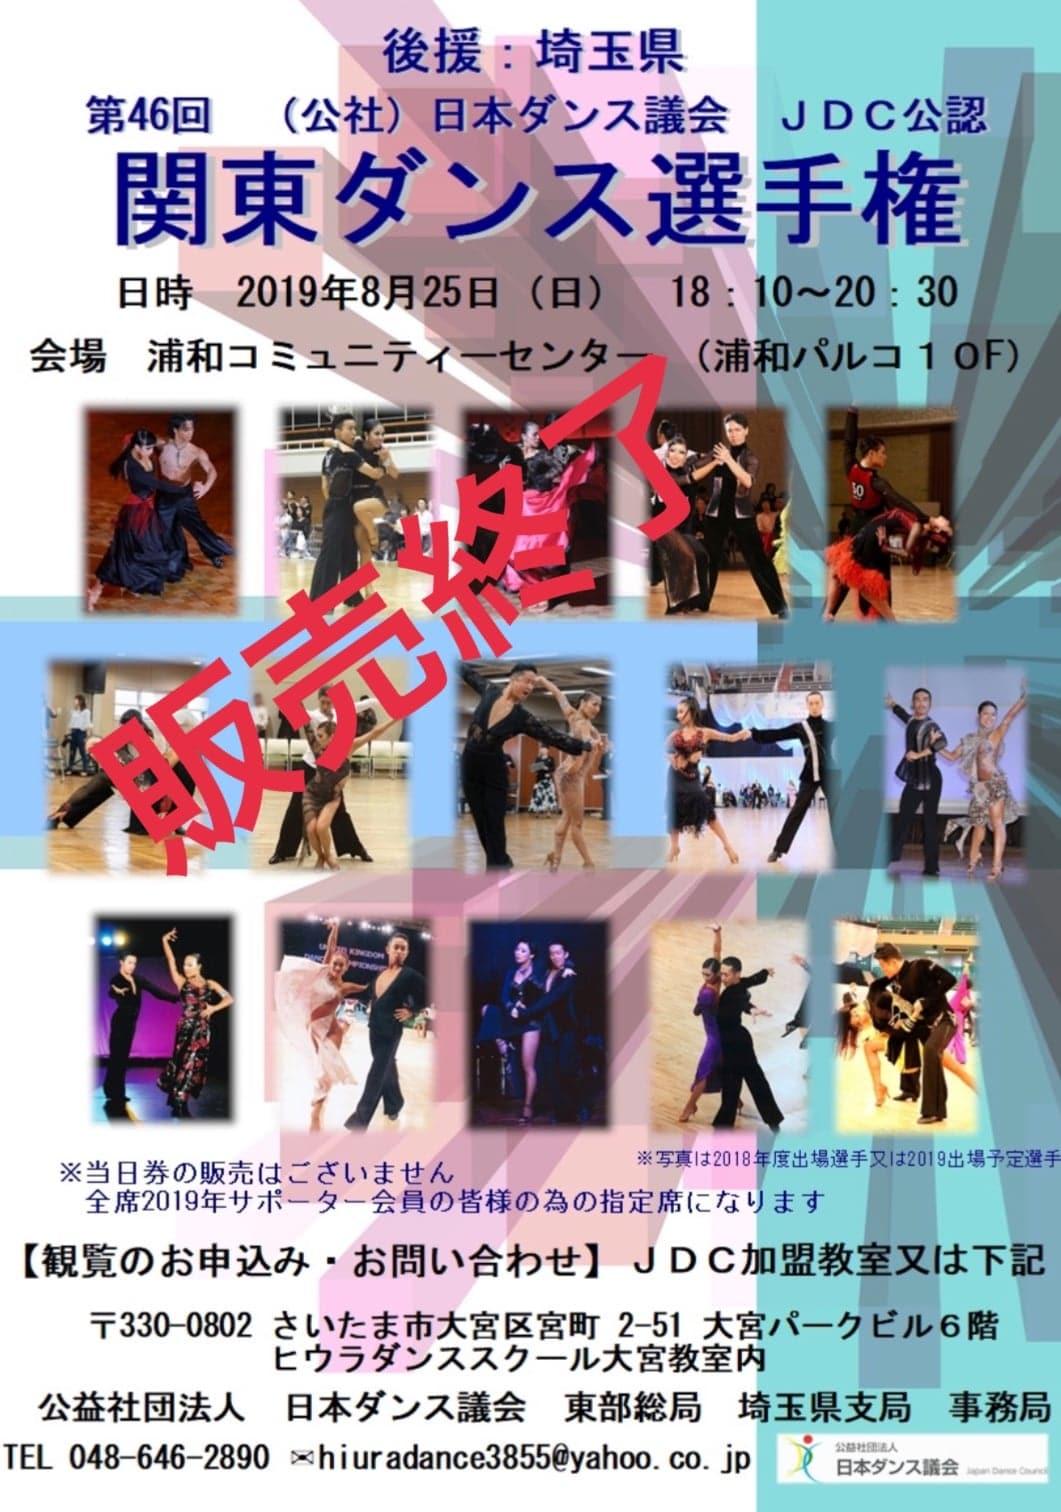 2019/8/25 関東ダンス選手権サポーター会員権(関東ダンス選手権指定席)のイメージその1